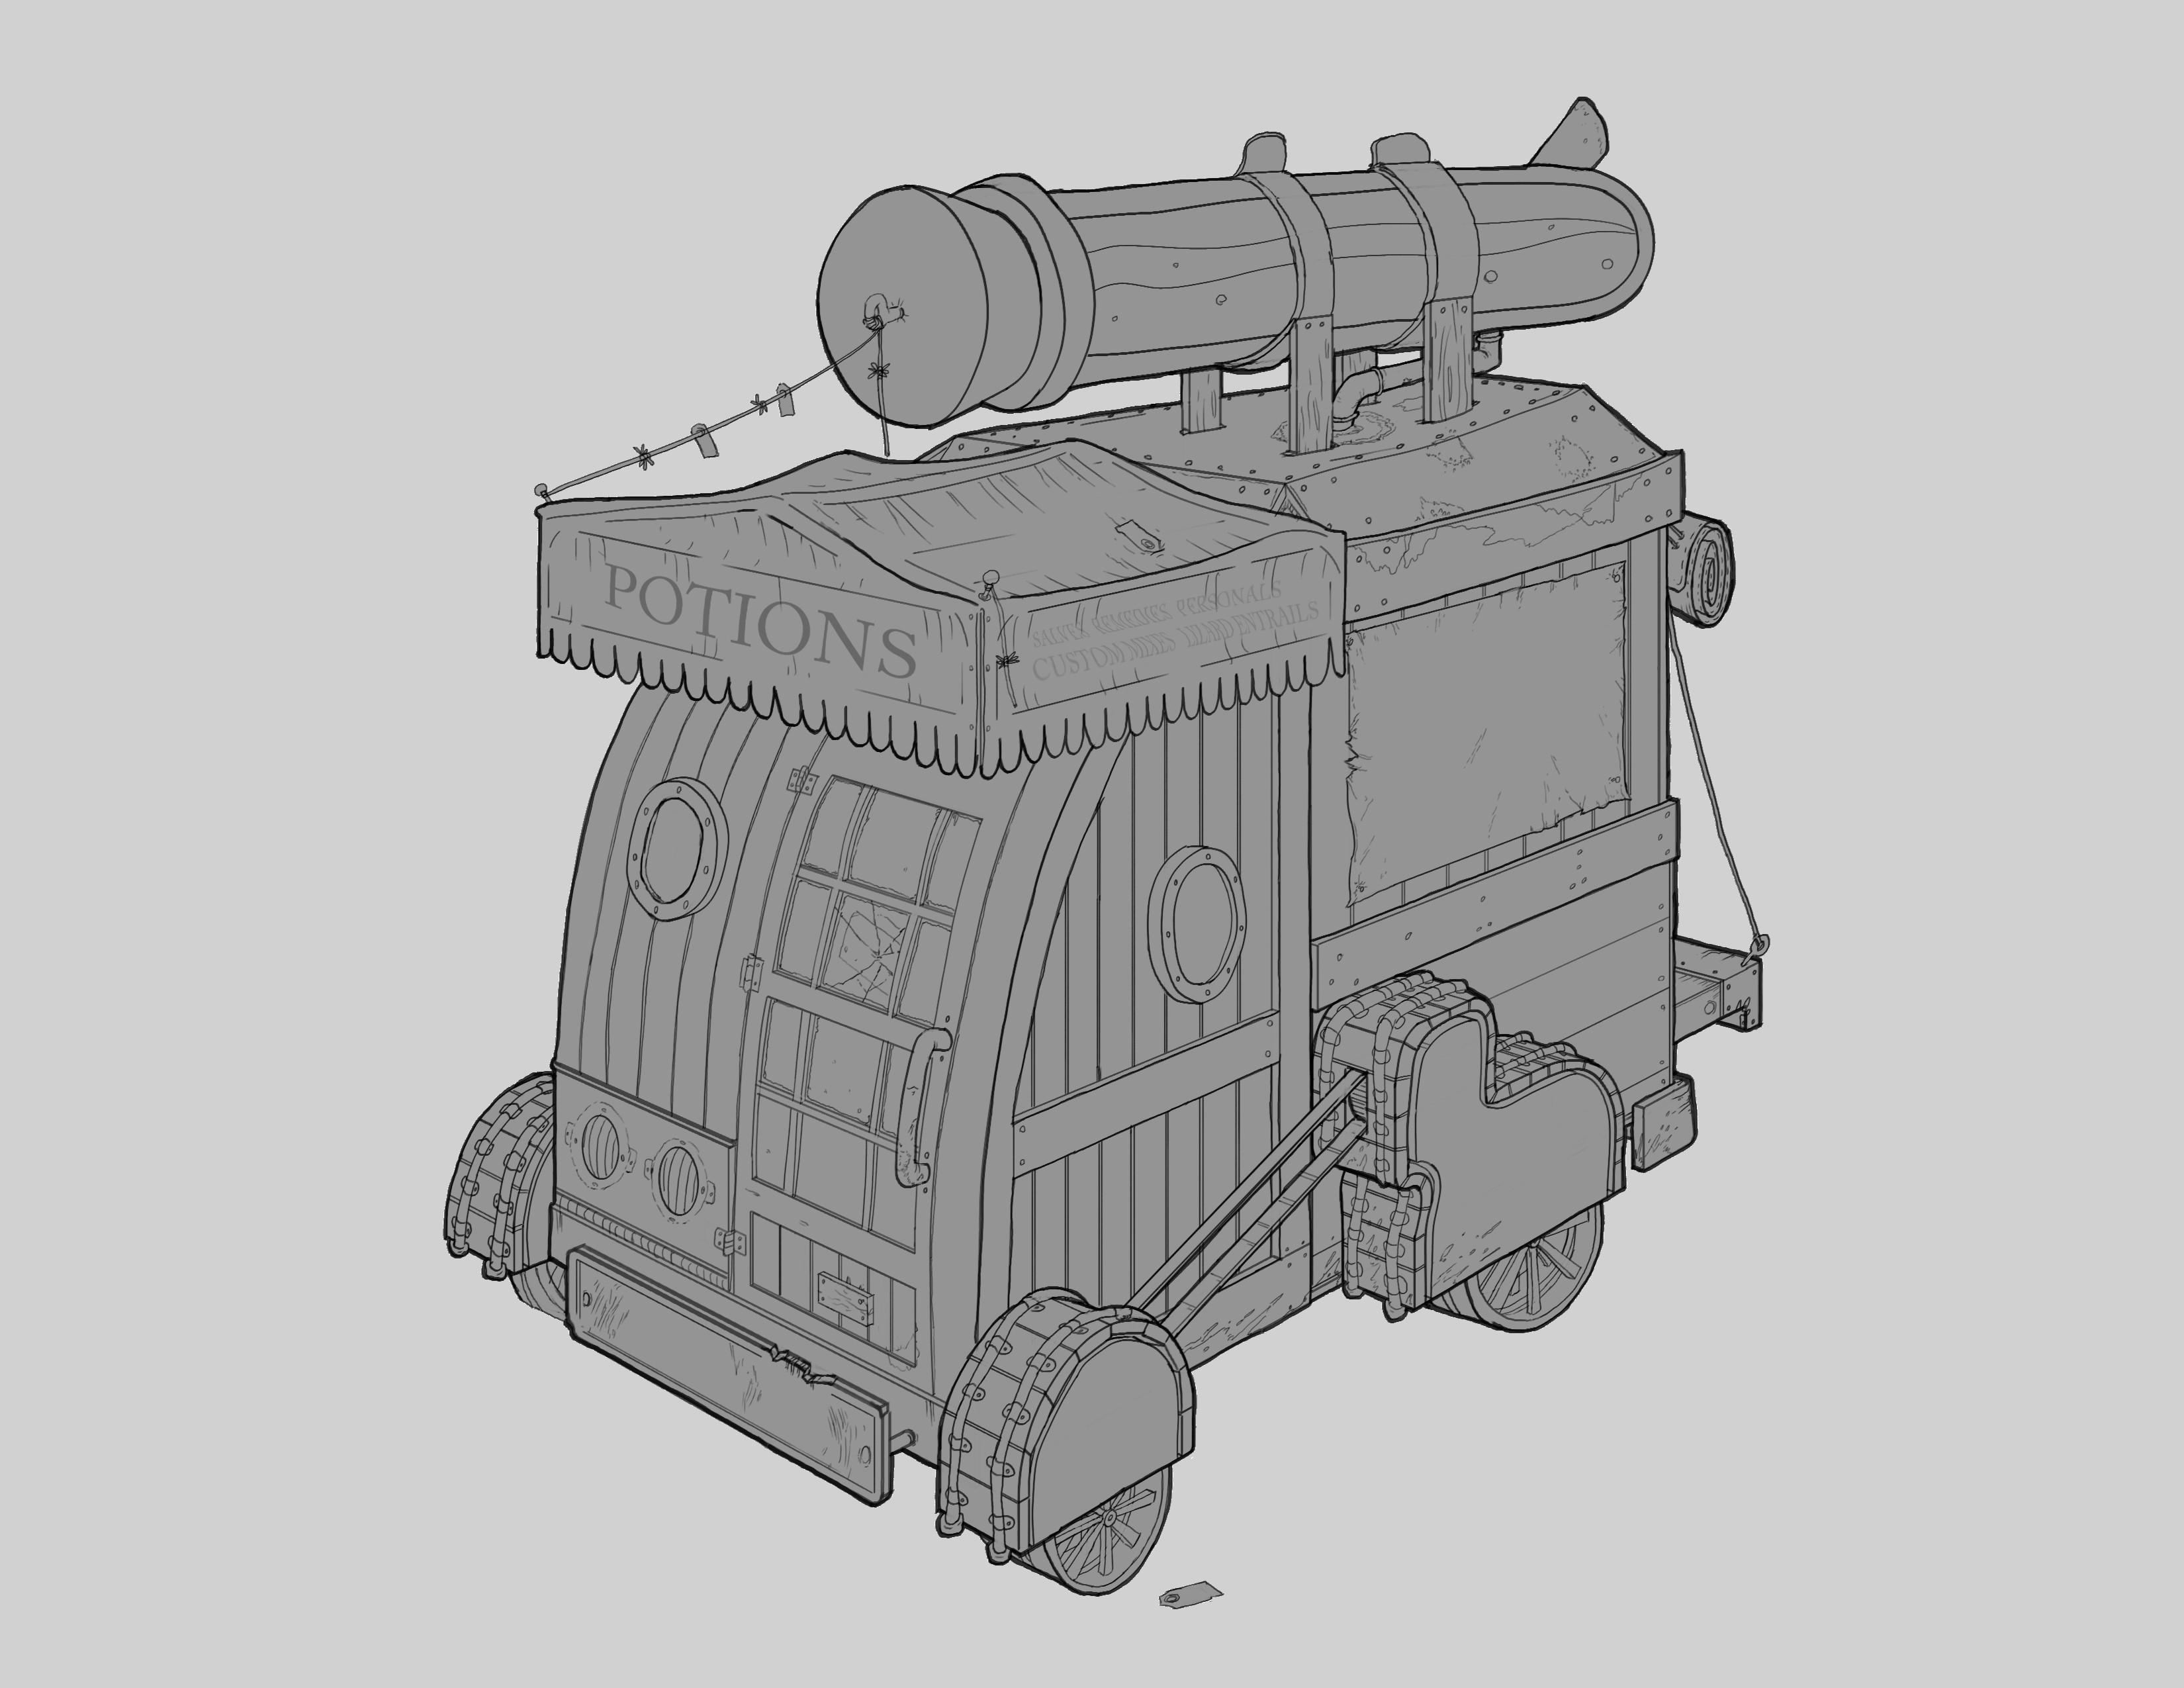 Original vehicle design.